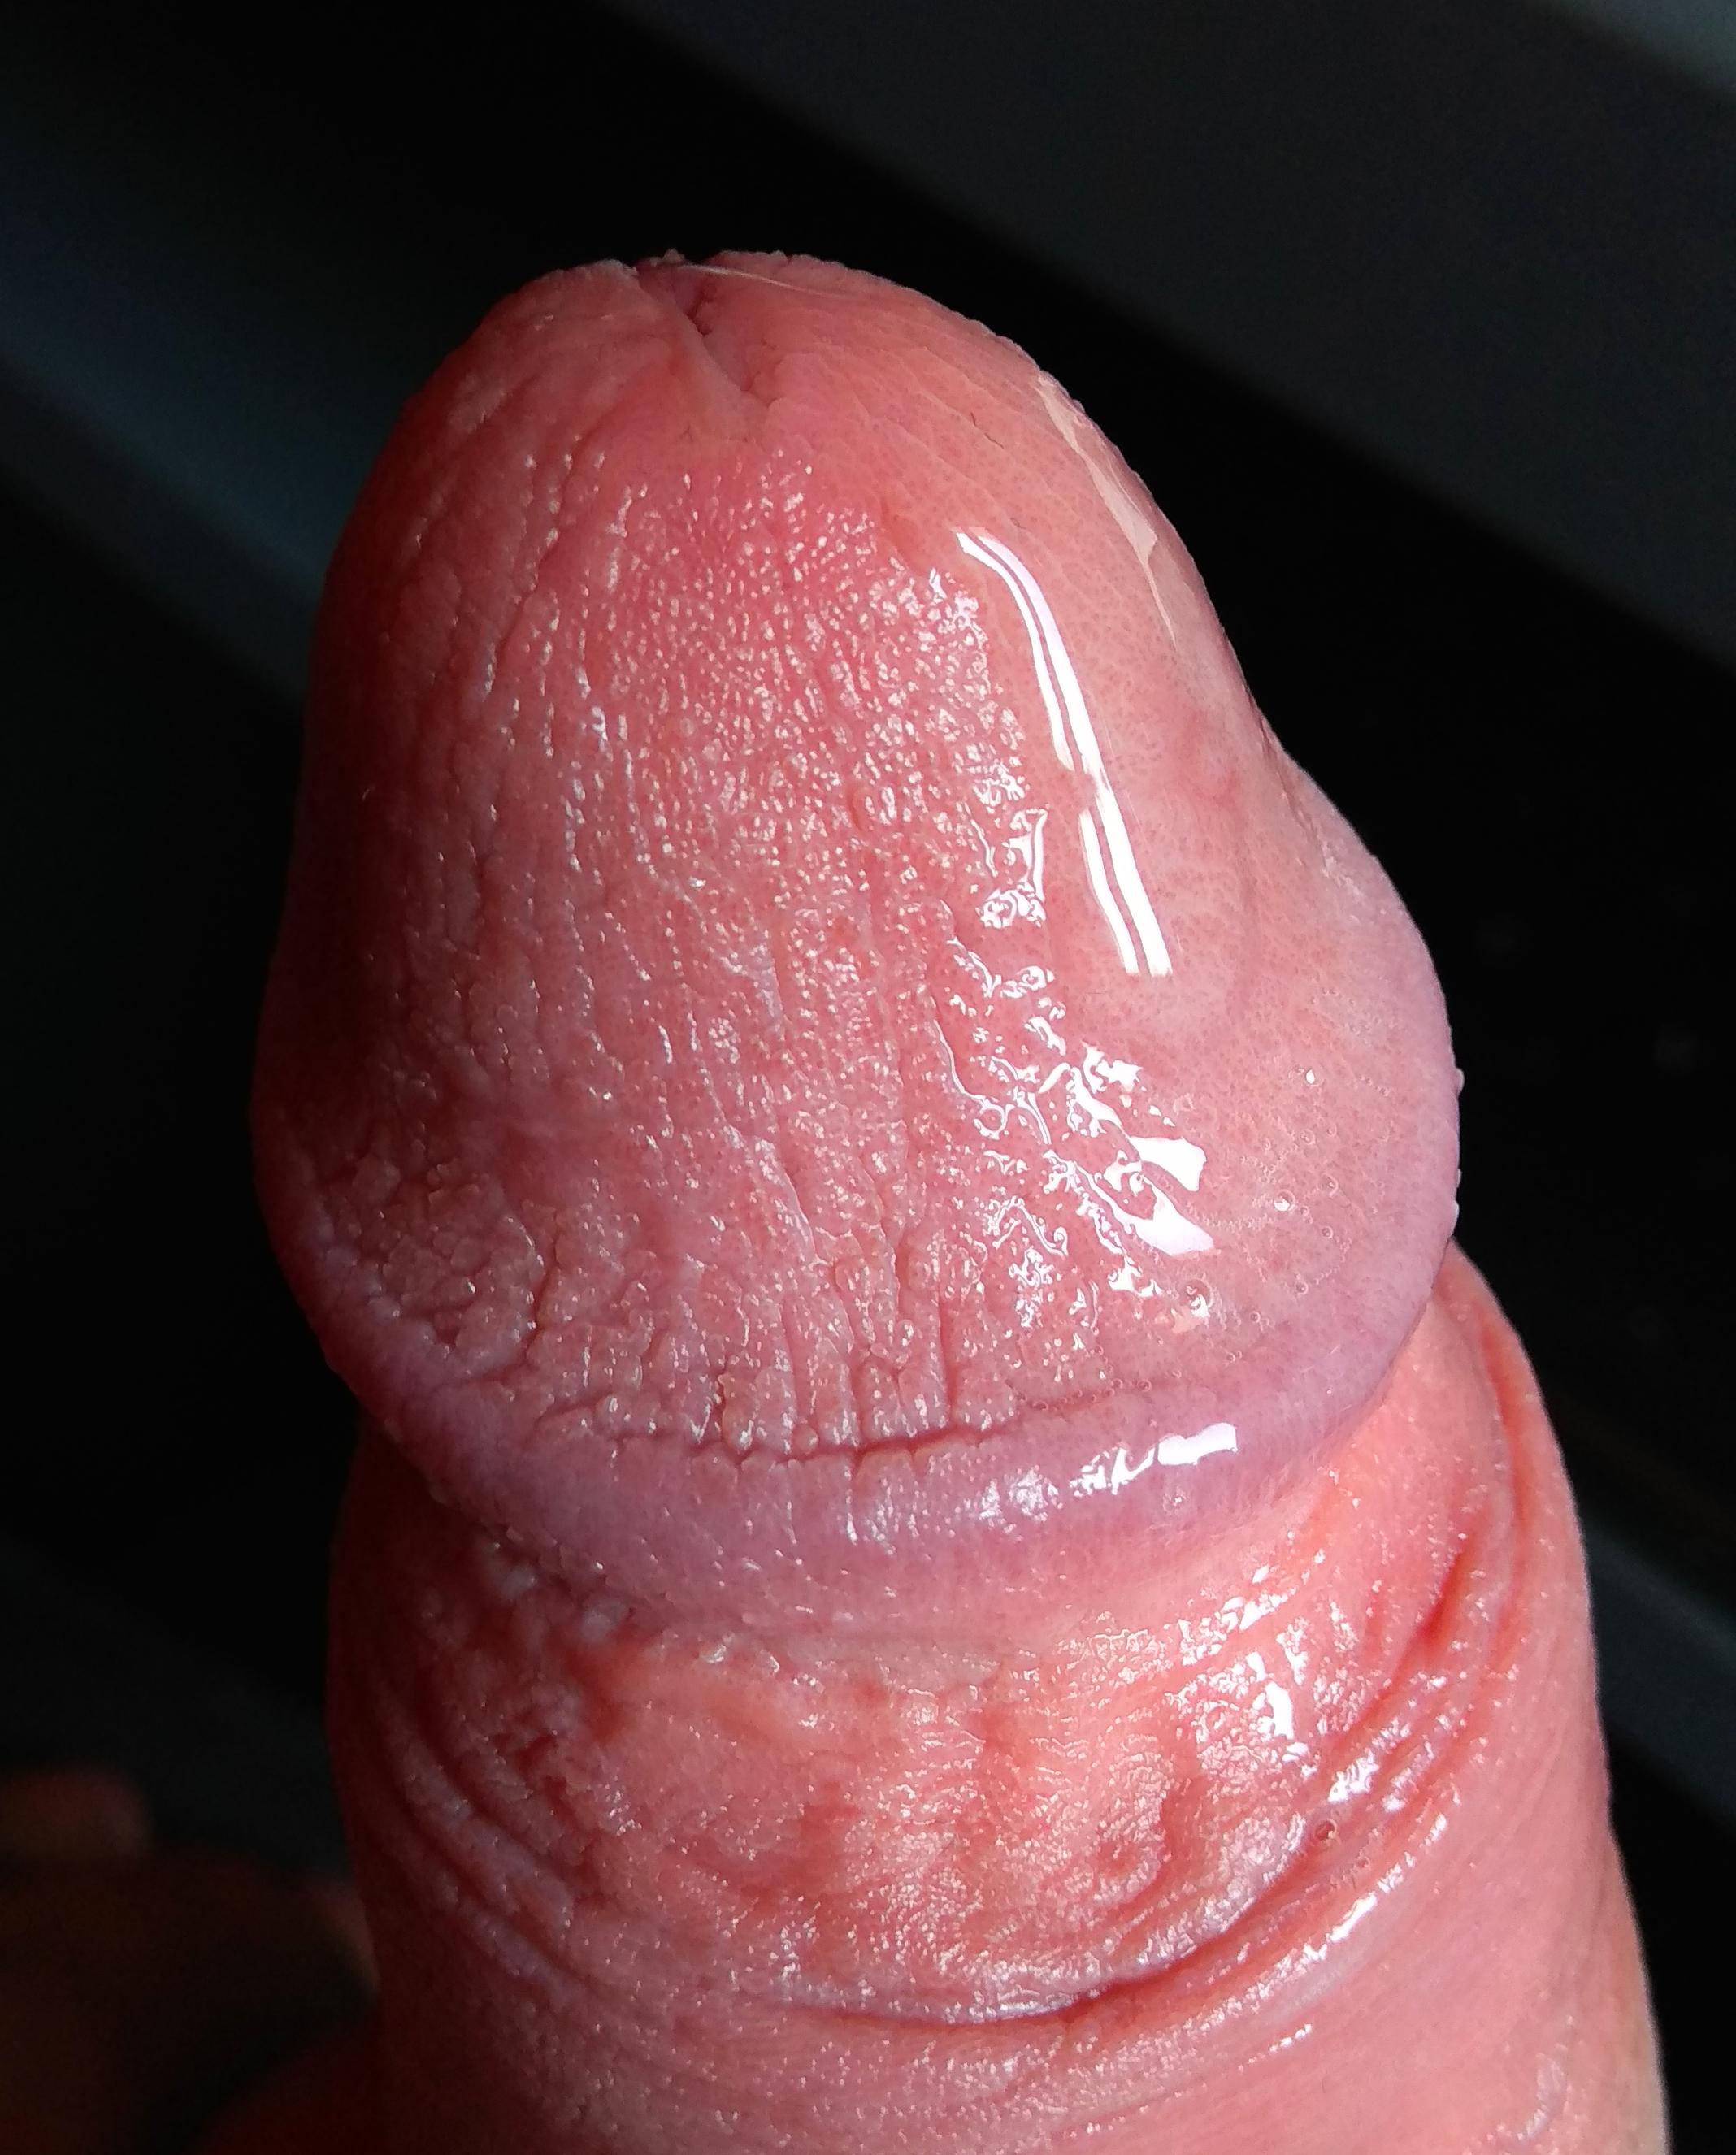 pénisz fotó erekcióban)